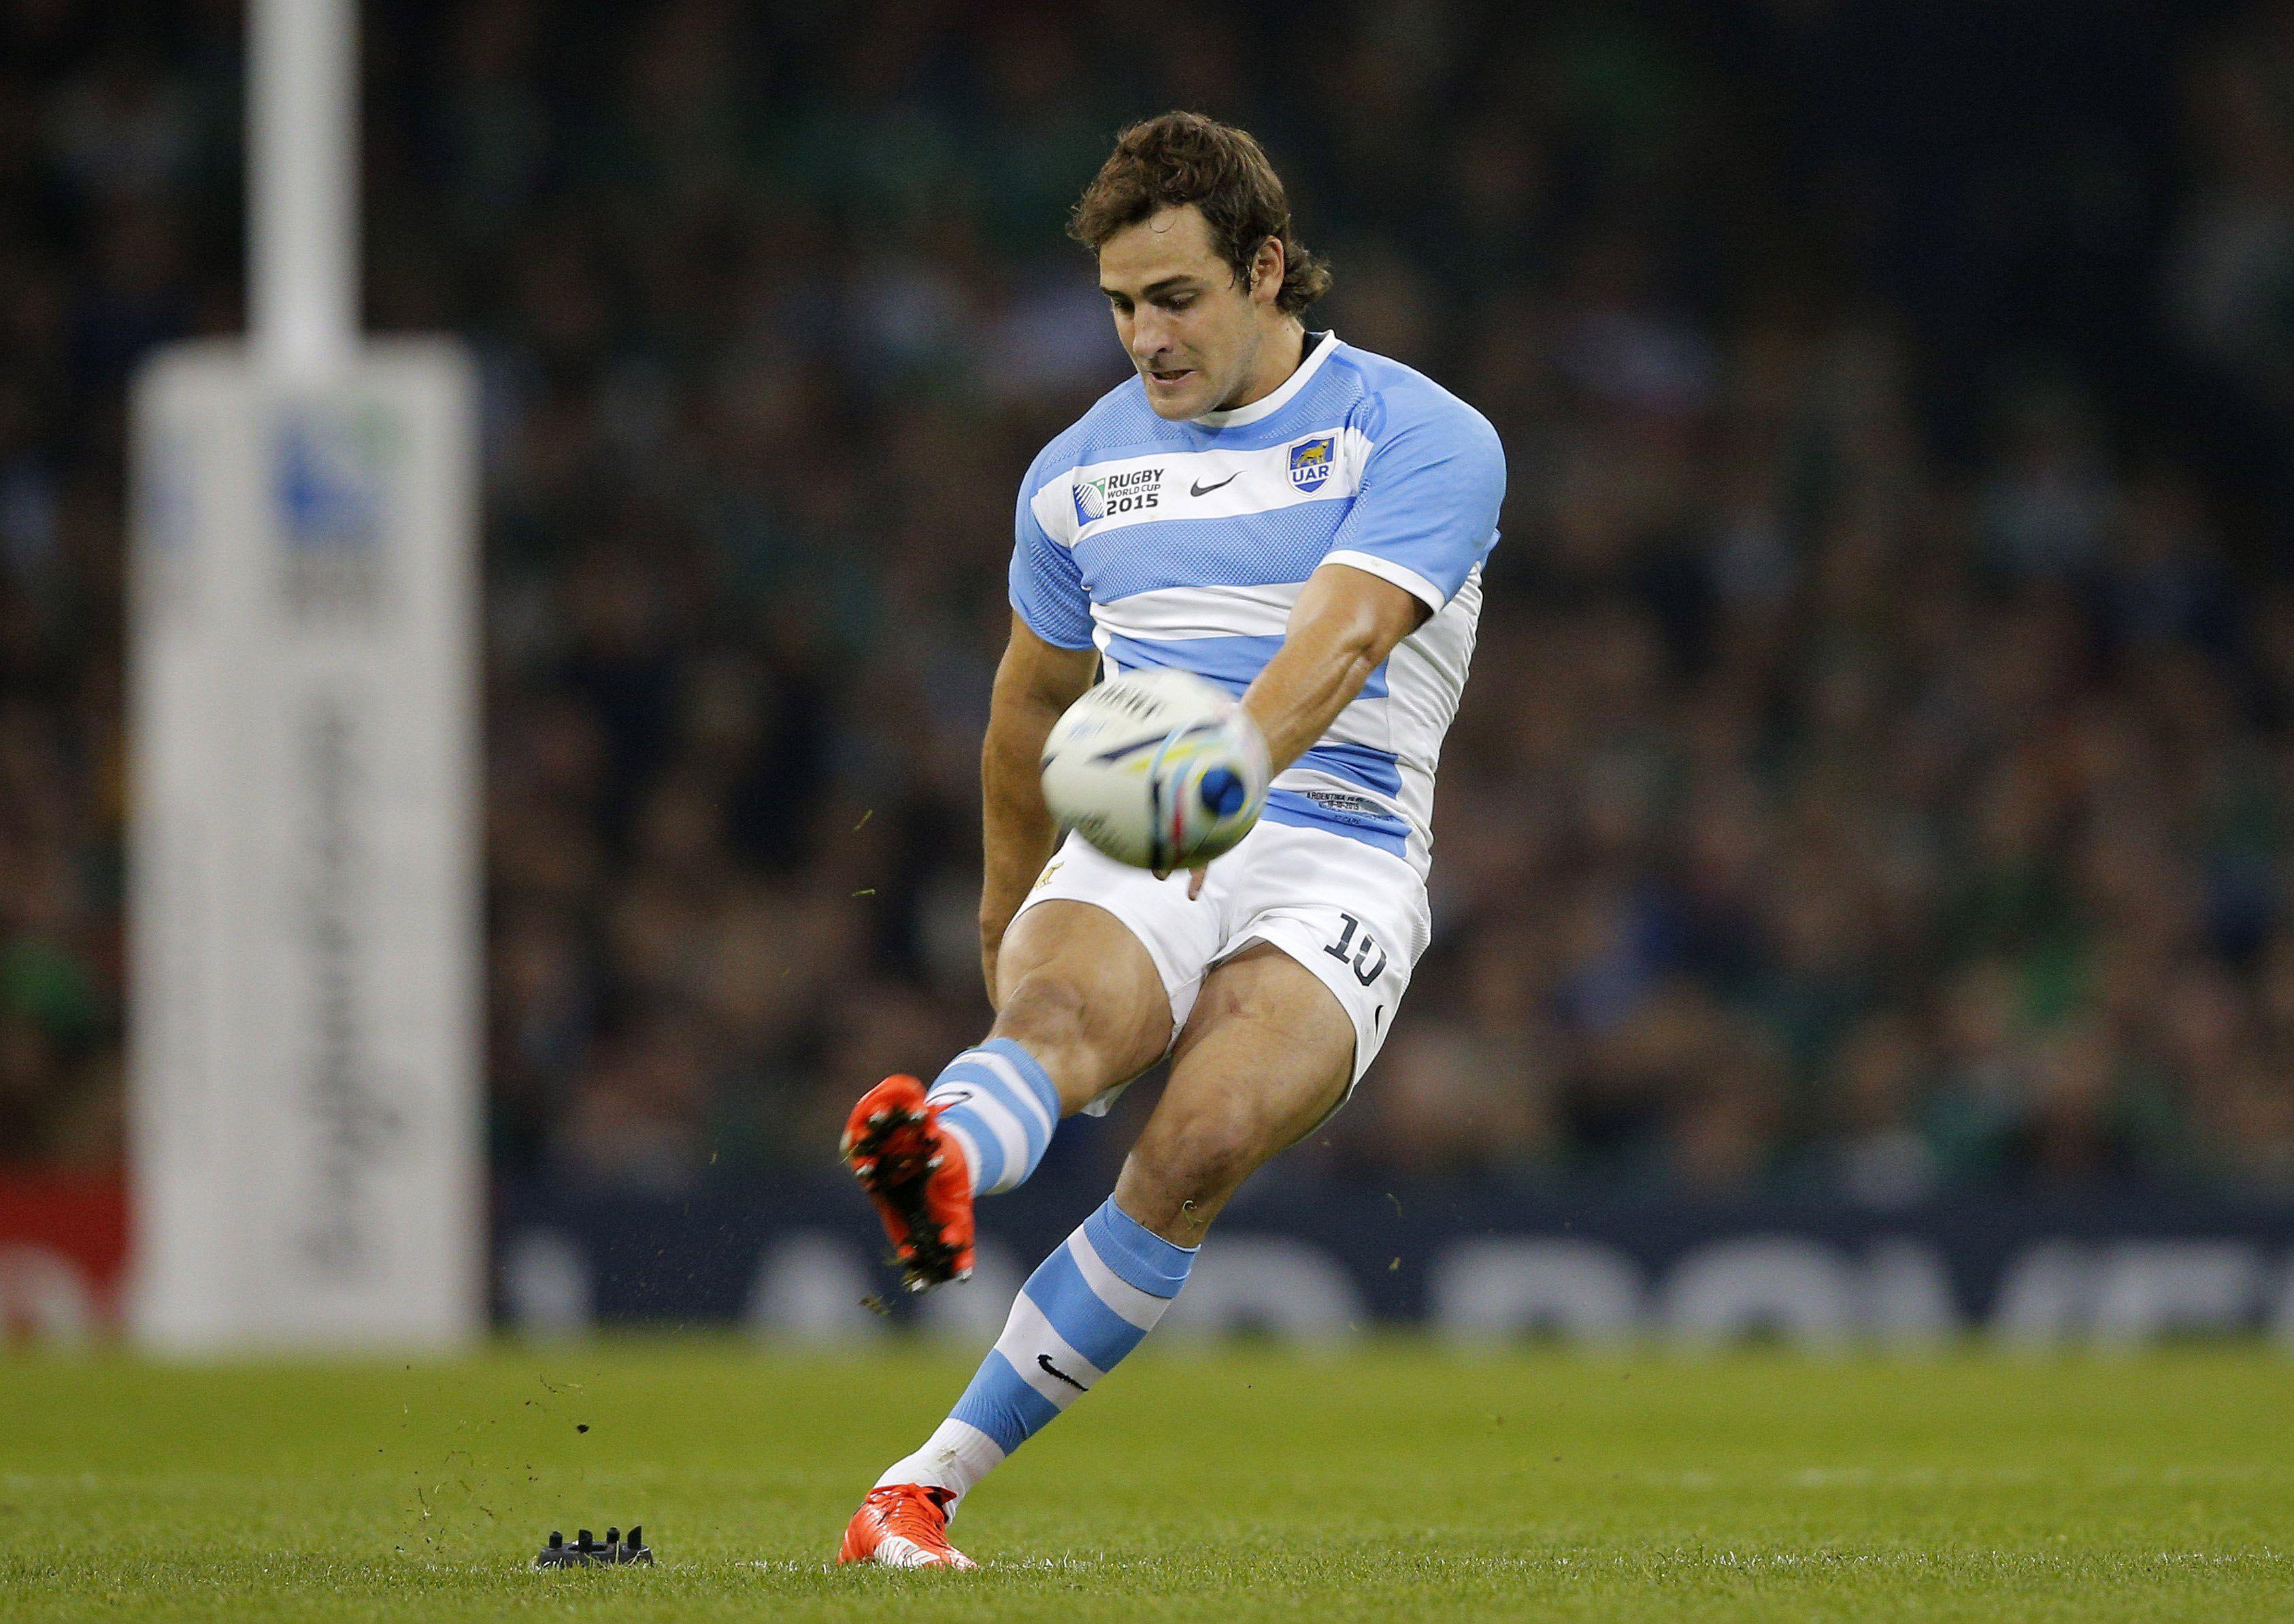 El medio apertura Sánchez es el máximo anotador del Mundial de rugby de Inglaterra con 74 puntos. (AP)